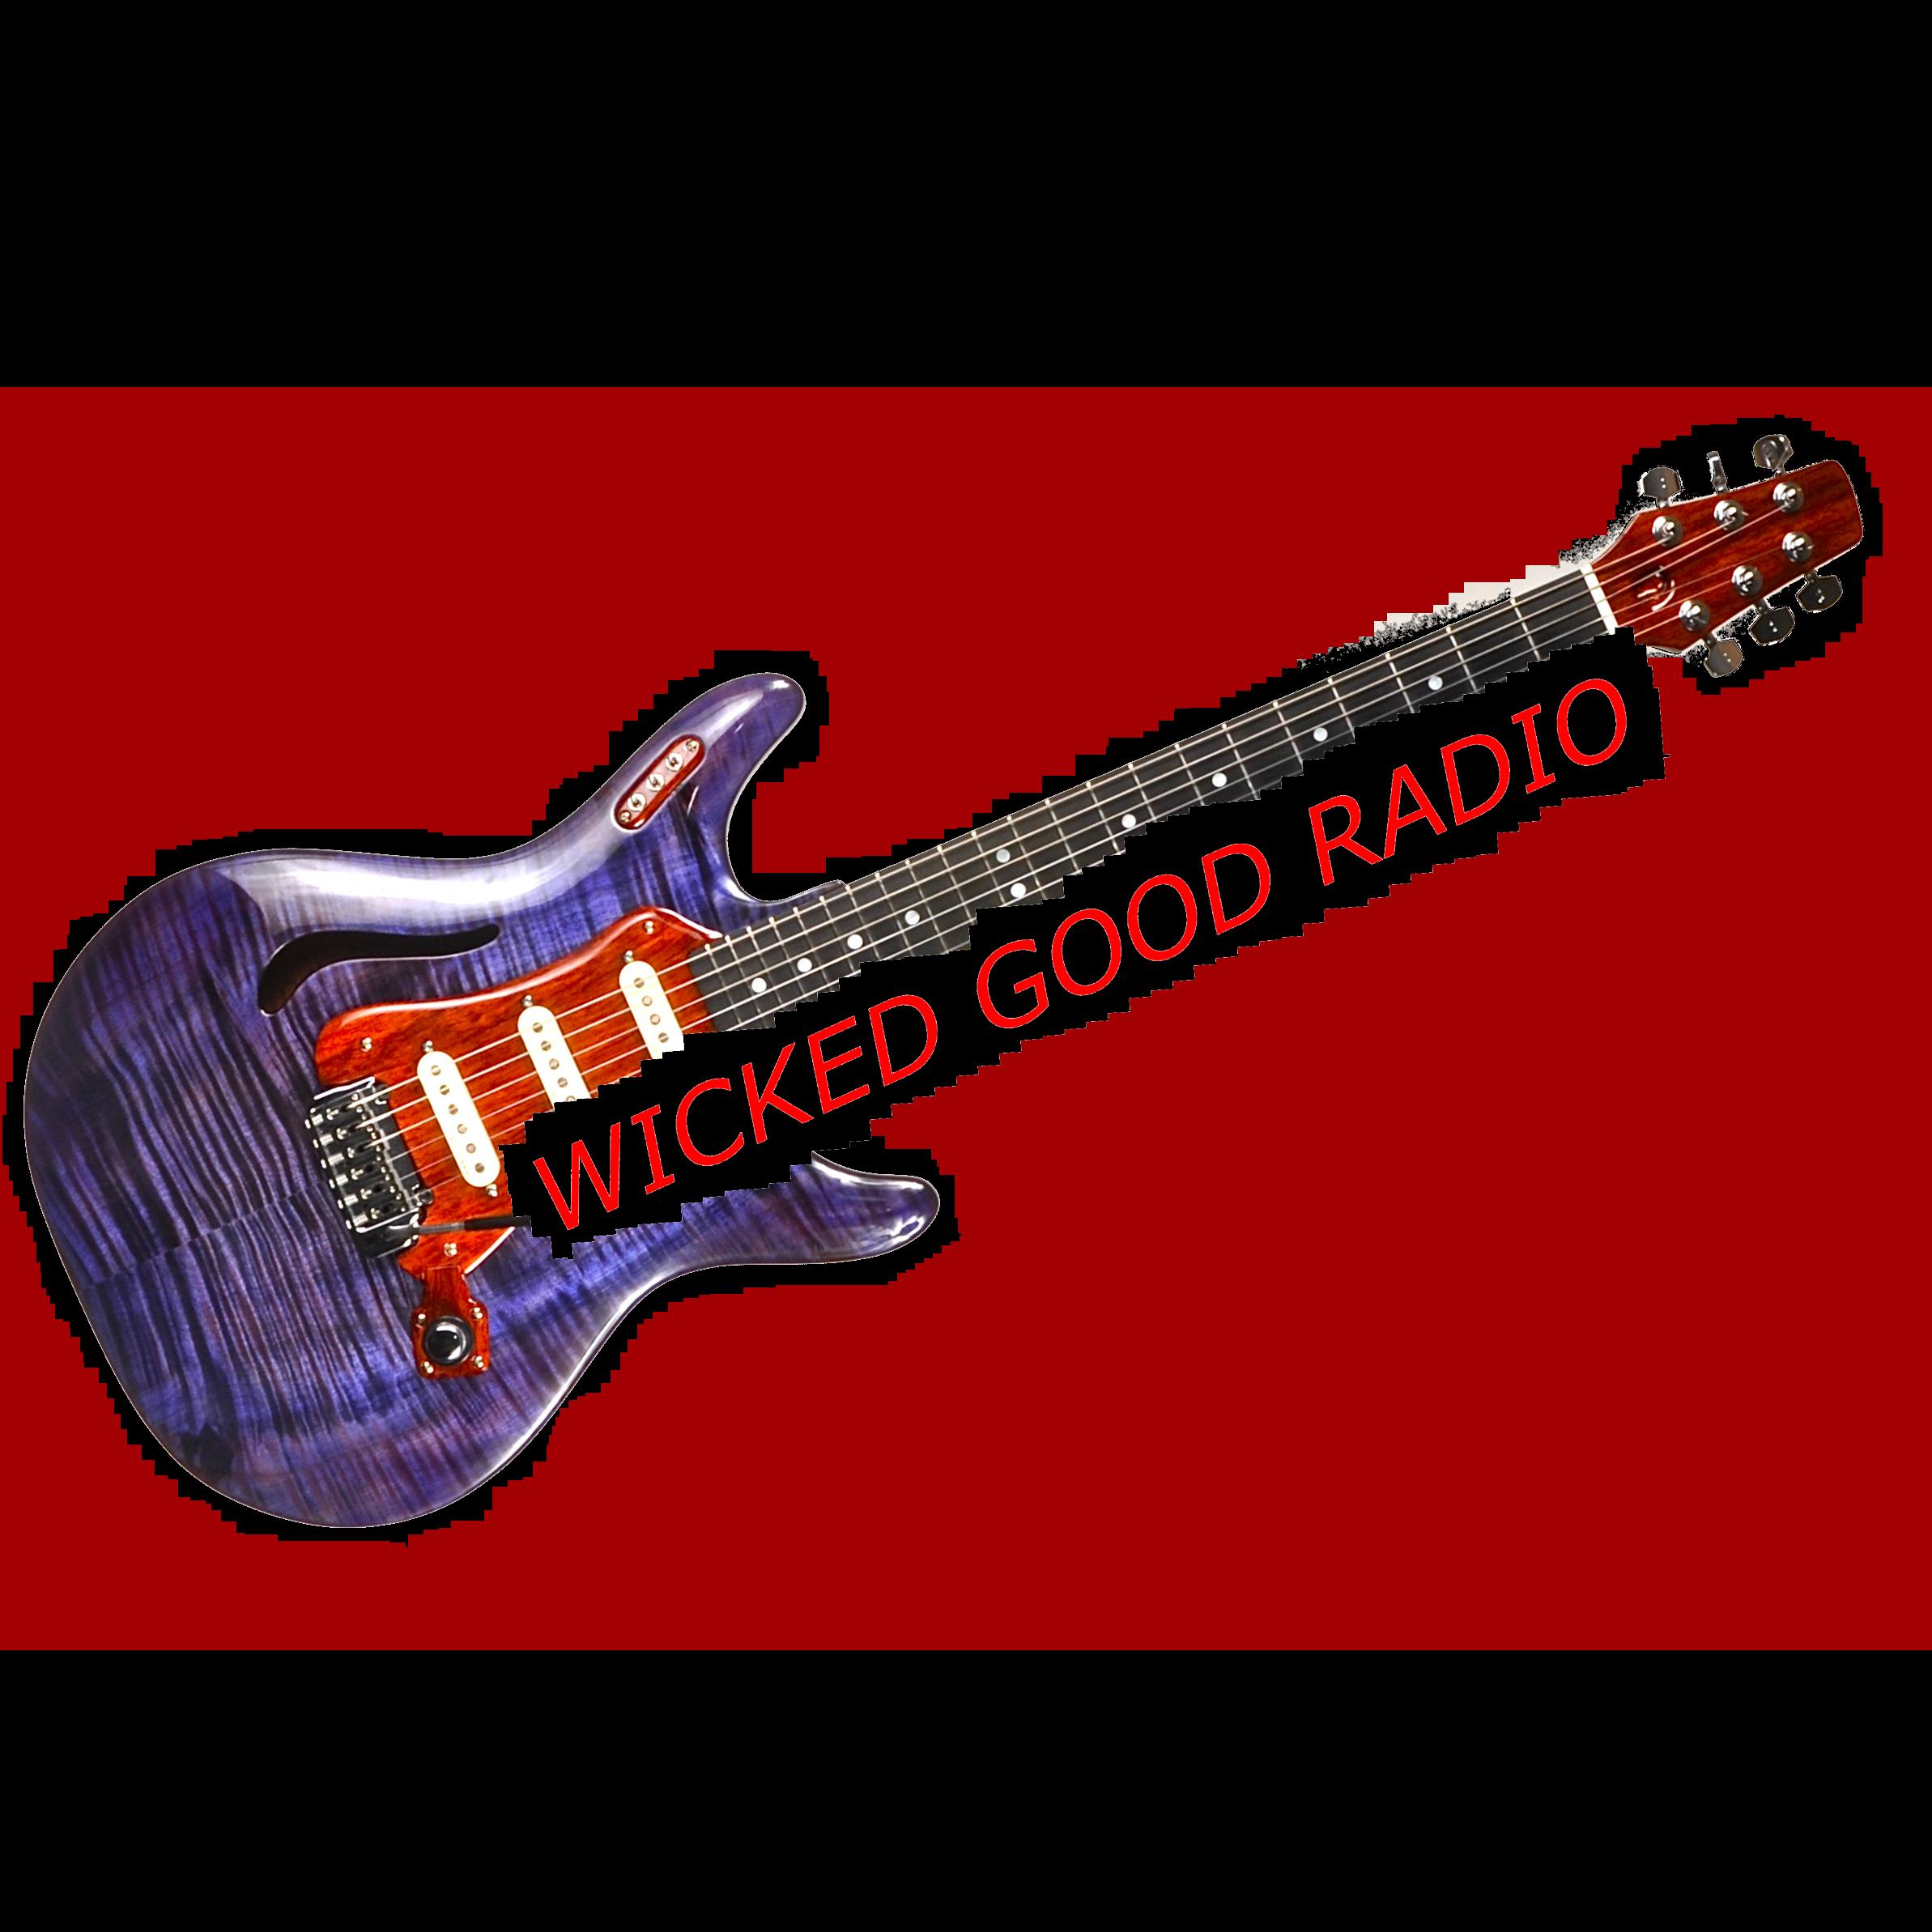 Wicked Good Radio